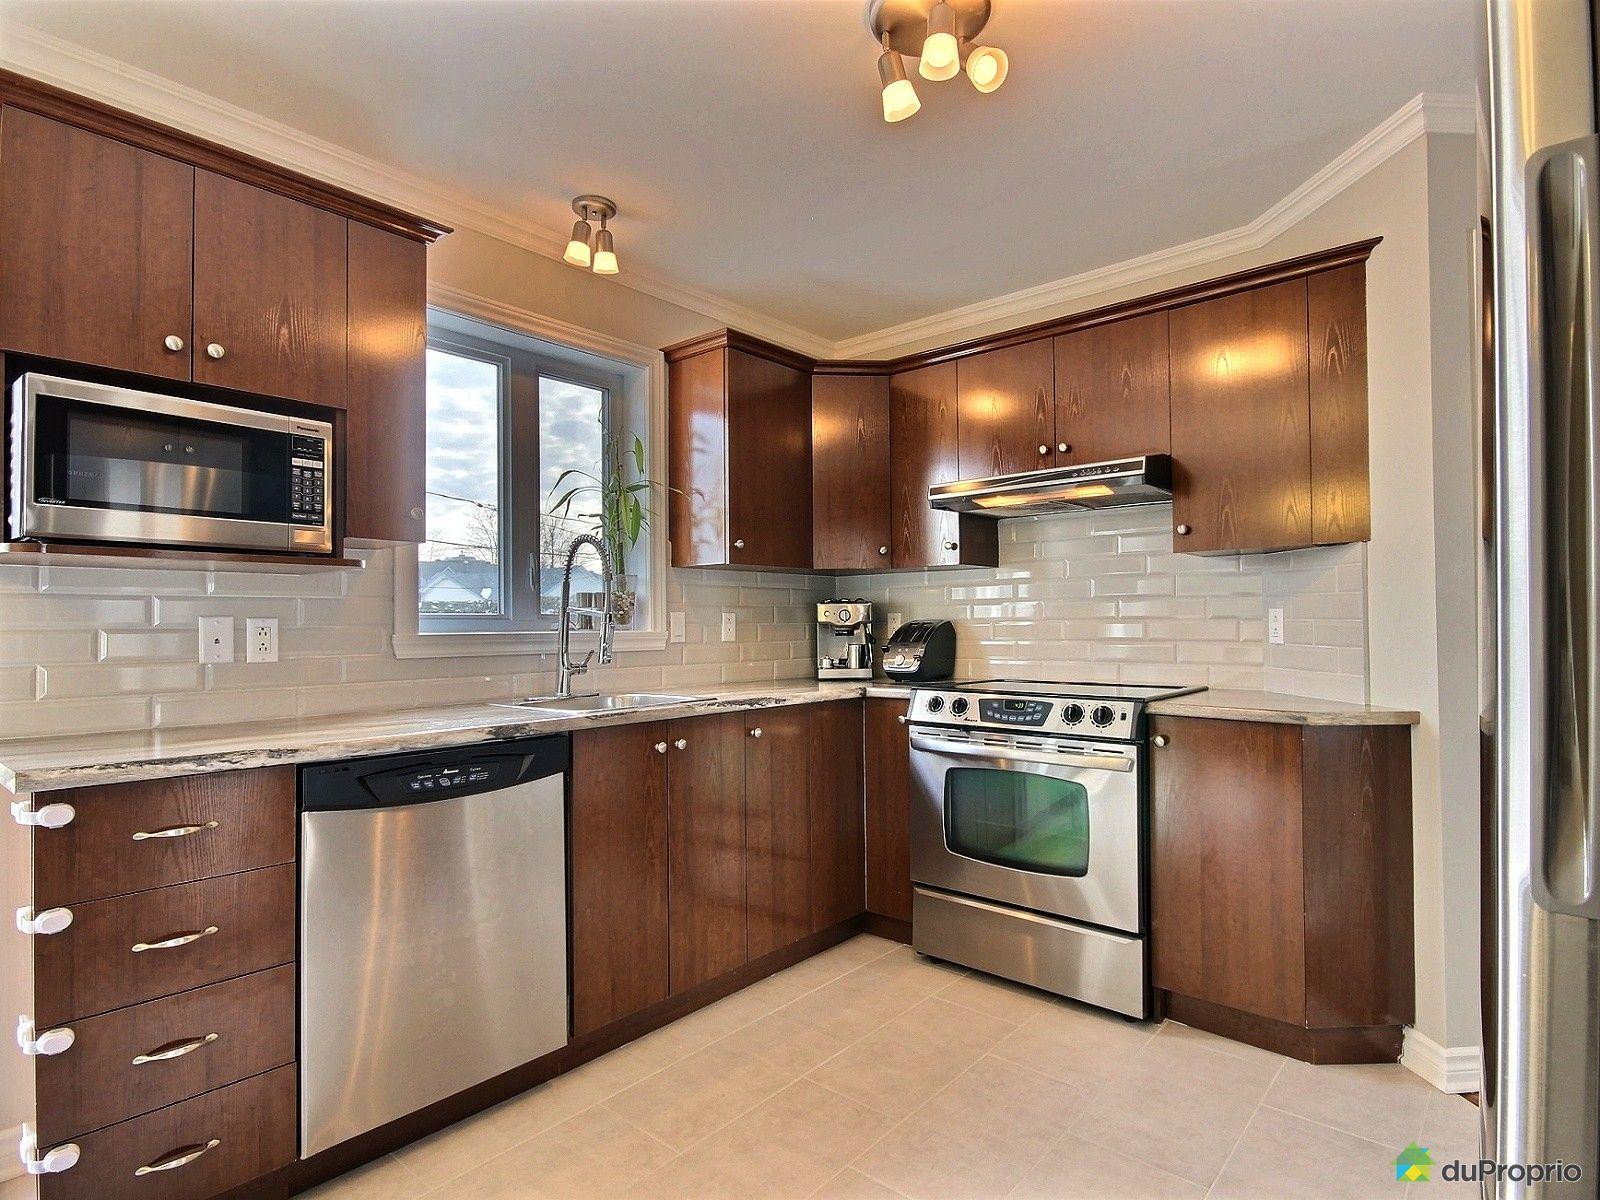 maison vendu st jean sur richelieu immobilier qu bec duproprio 589296. Black Bedroom Furniture Sets. Home Design Ideas